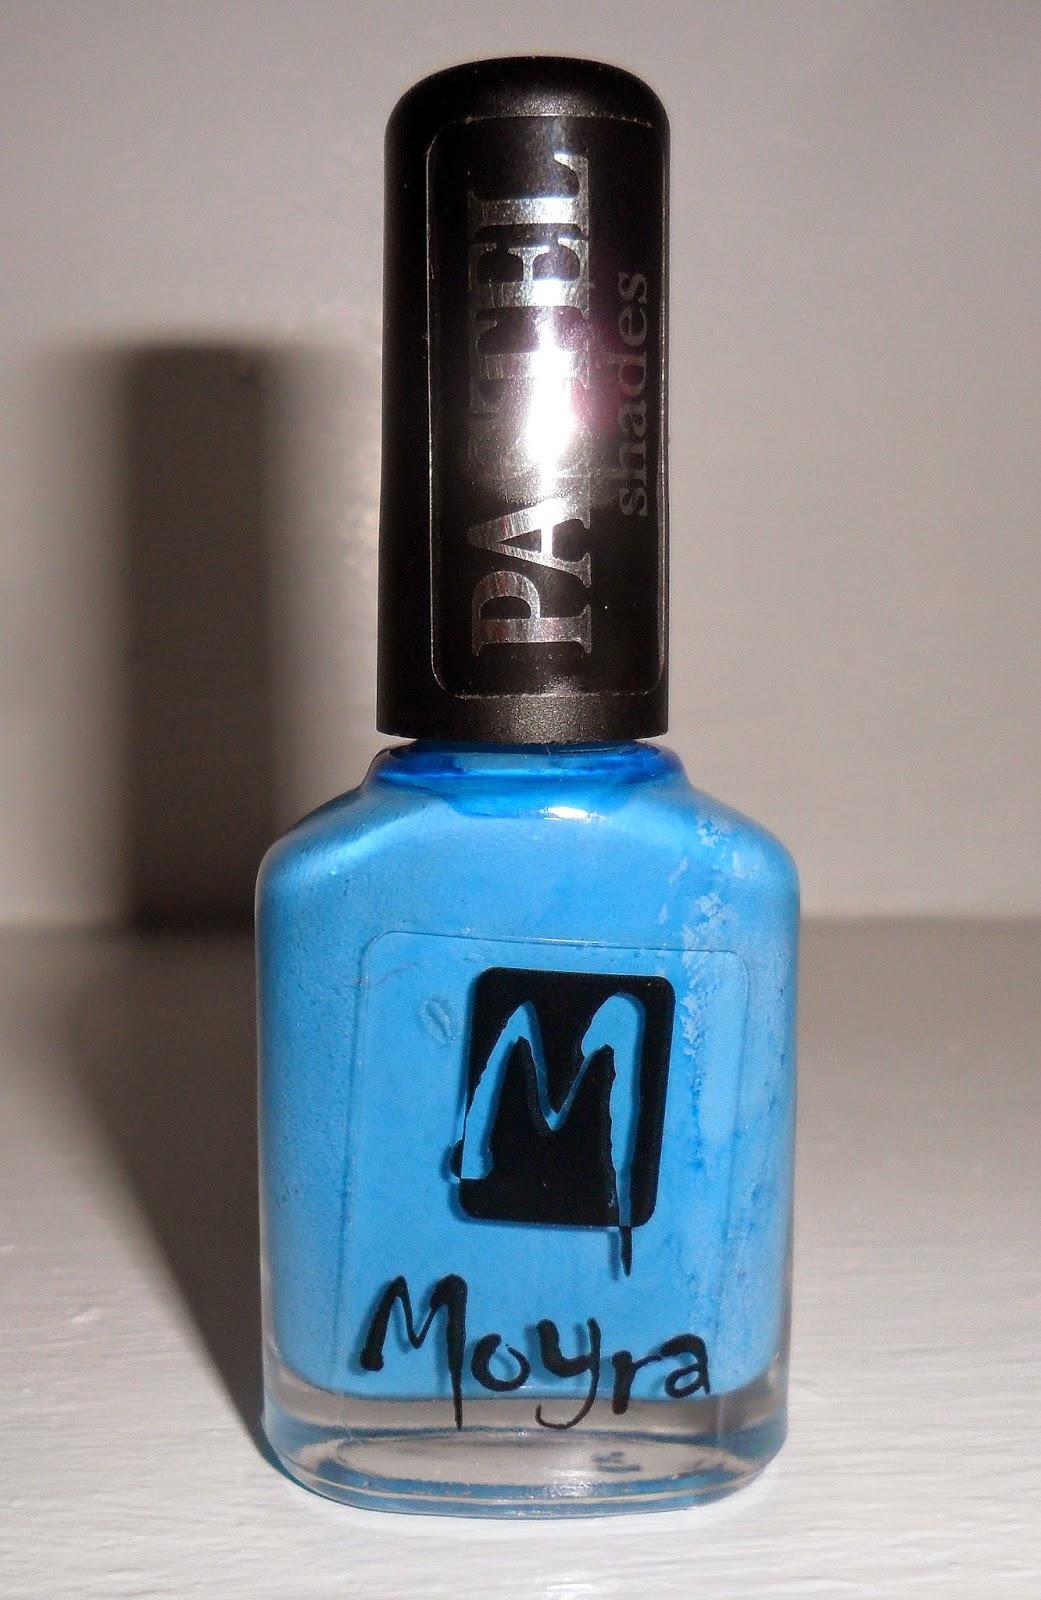 Moyra Pastel Shade Nail Polish, Nail Polish, Blue Nail Polish